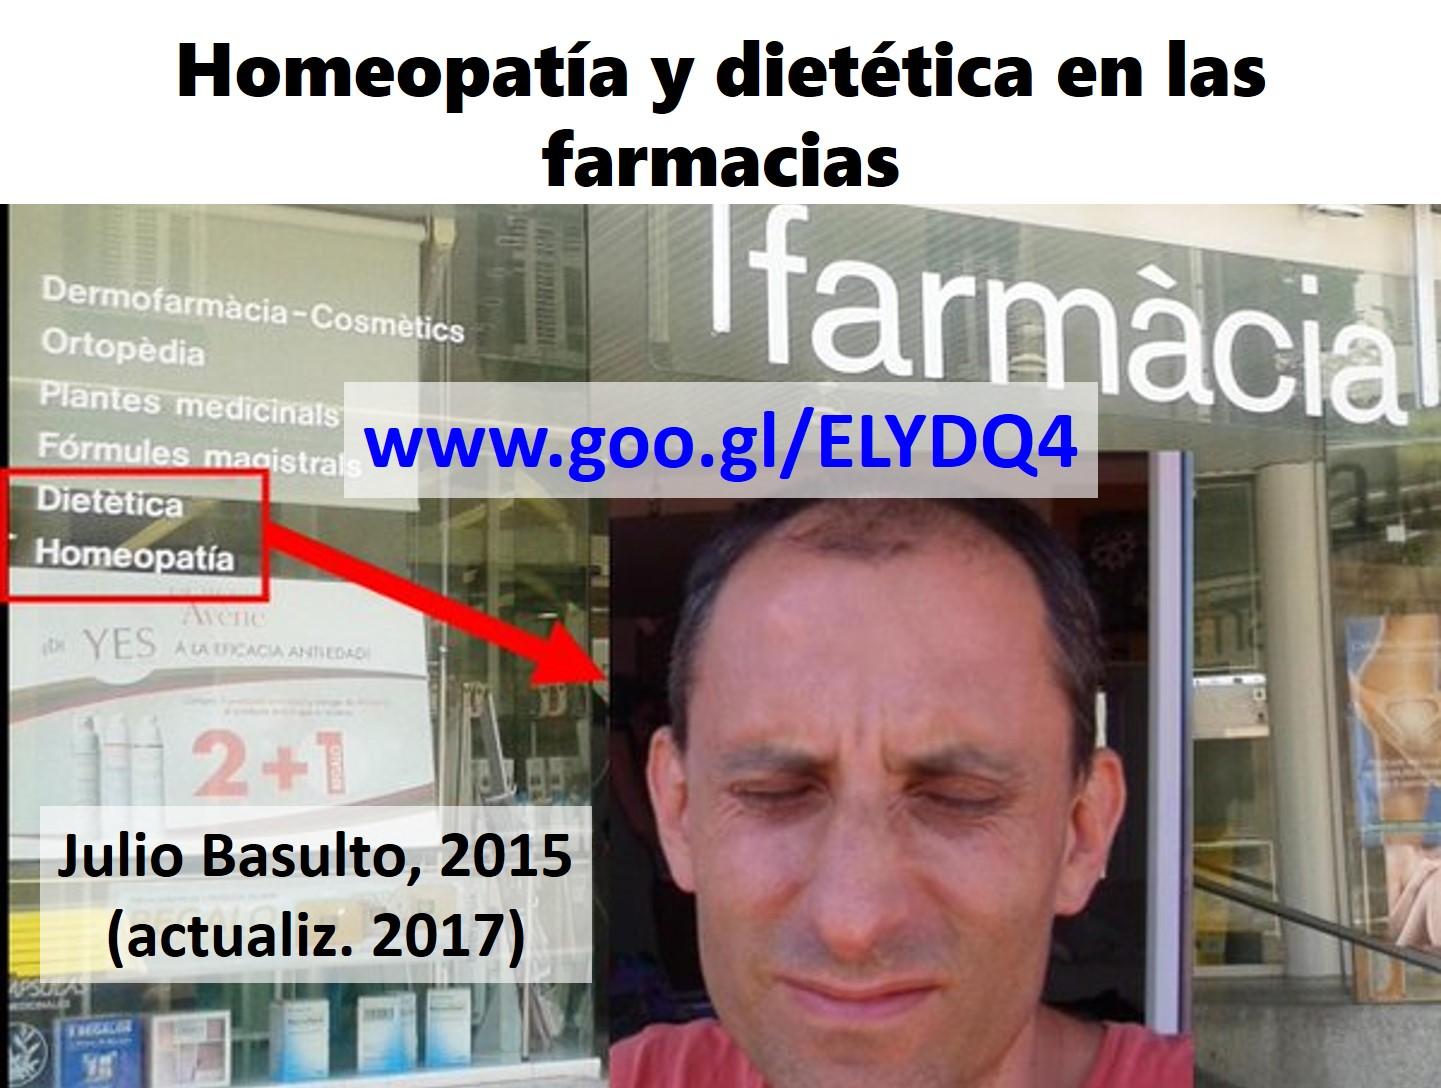 Homeopatía y dietética en las farmacias